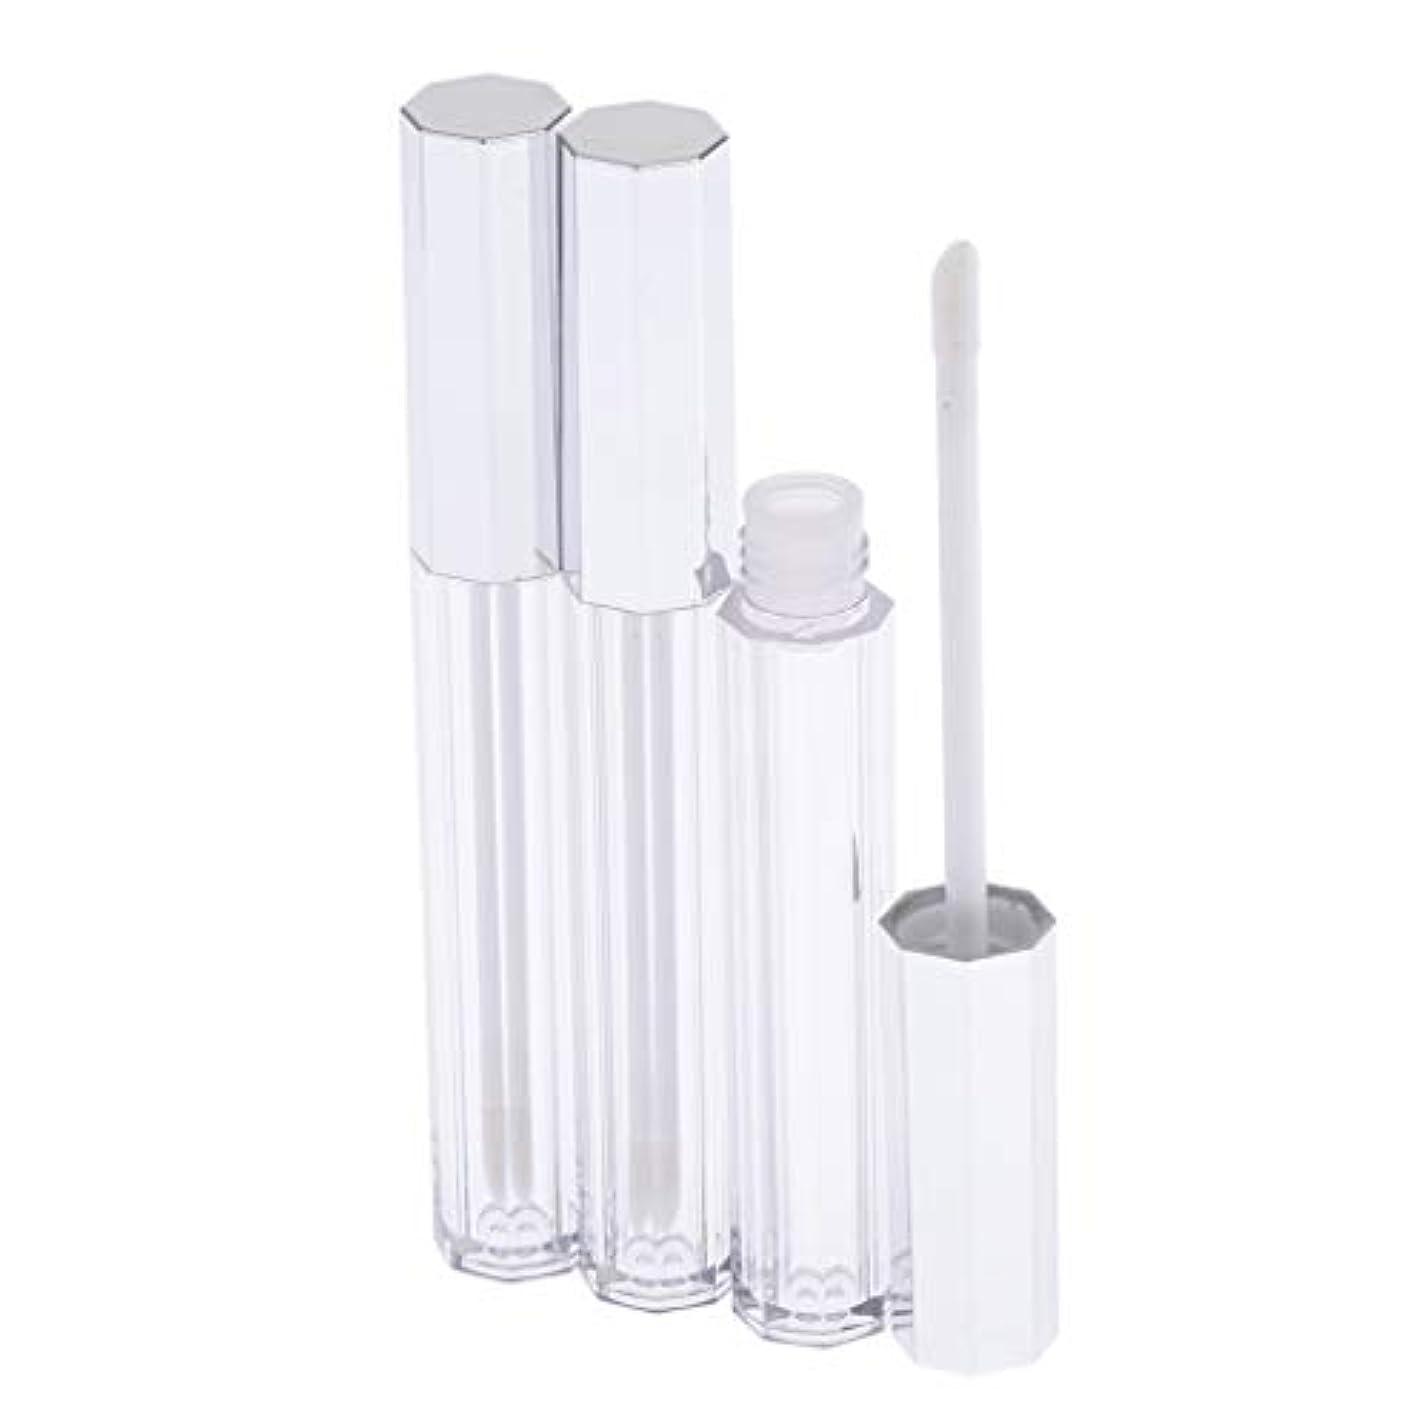 不条理再編成する迫害するSM SunniMix リップグロス 容器 チューブ クリア リップスティックチューブ プラスチック 5ml 3個セット